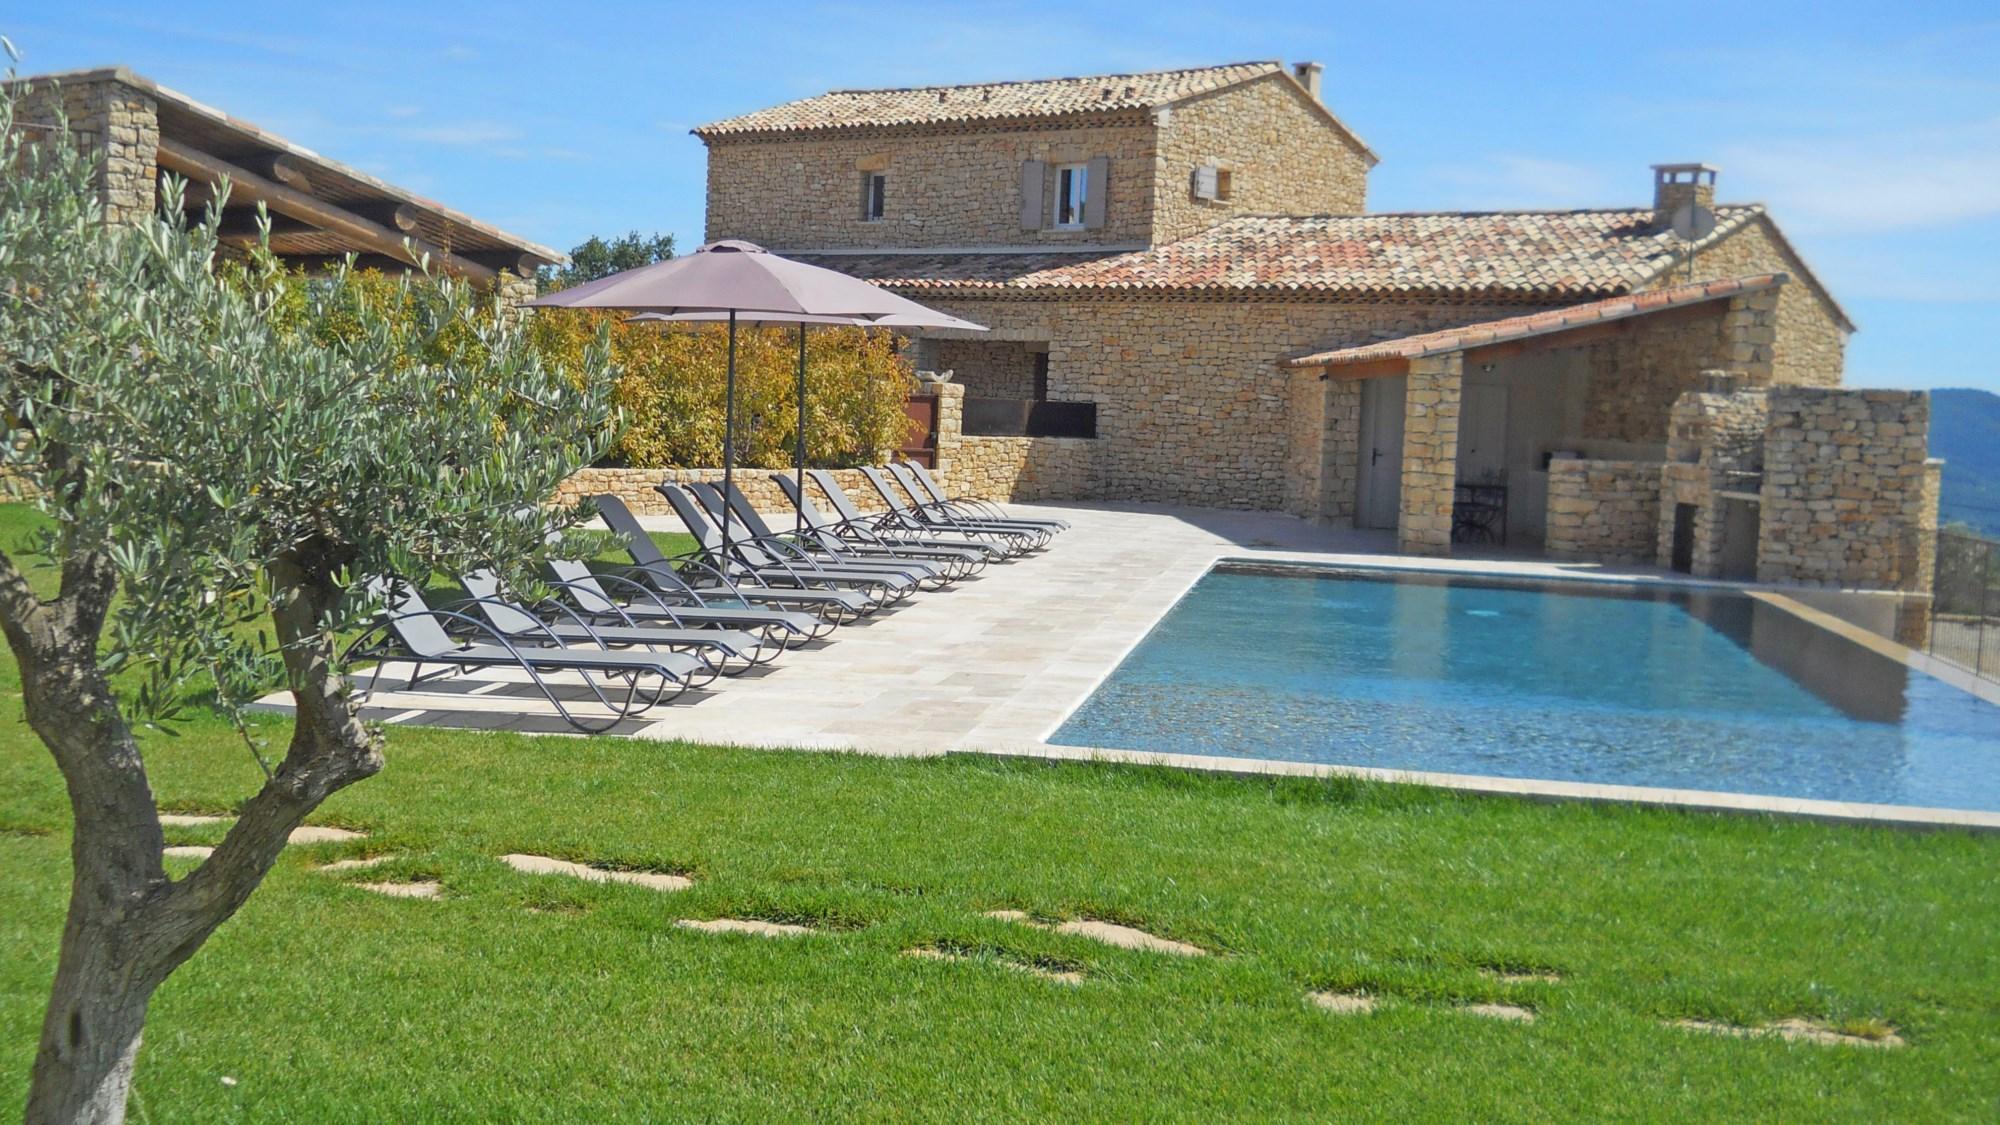 Maison en pierres apparentes avec piscine en Provence